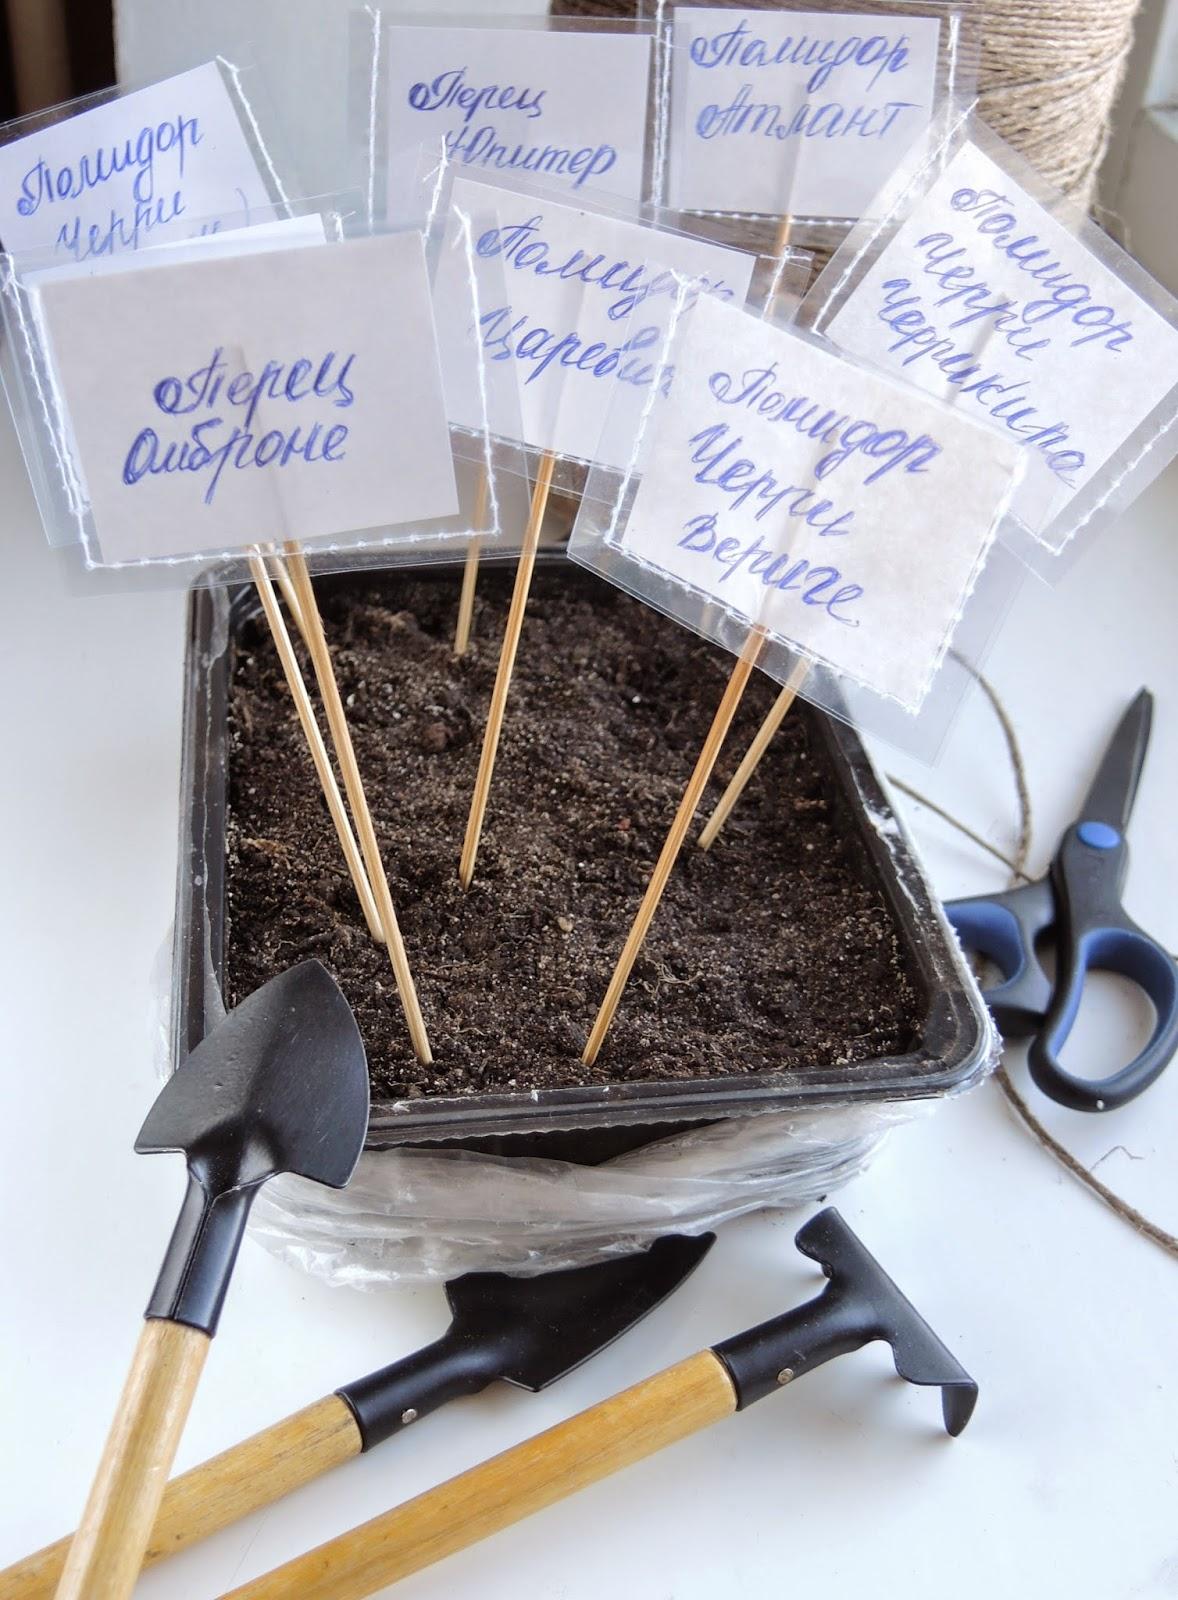 Для огорода, огород на окне, этикетки, таблички, таблички для грядки, названия овощей, таблички для грядок своими руками, табличка для грядок.